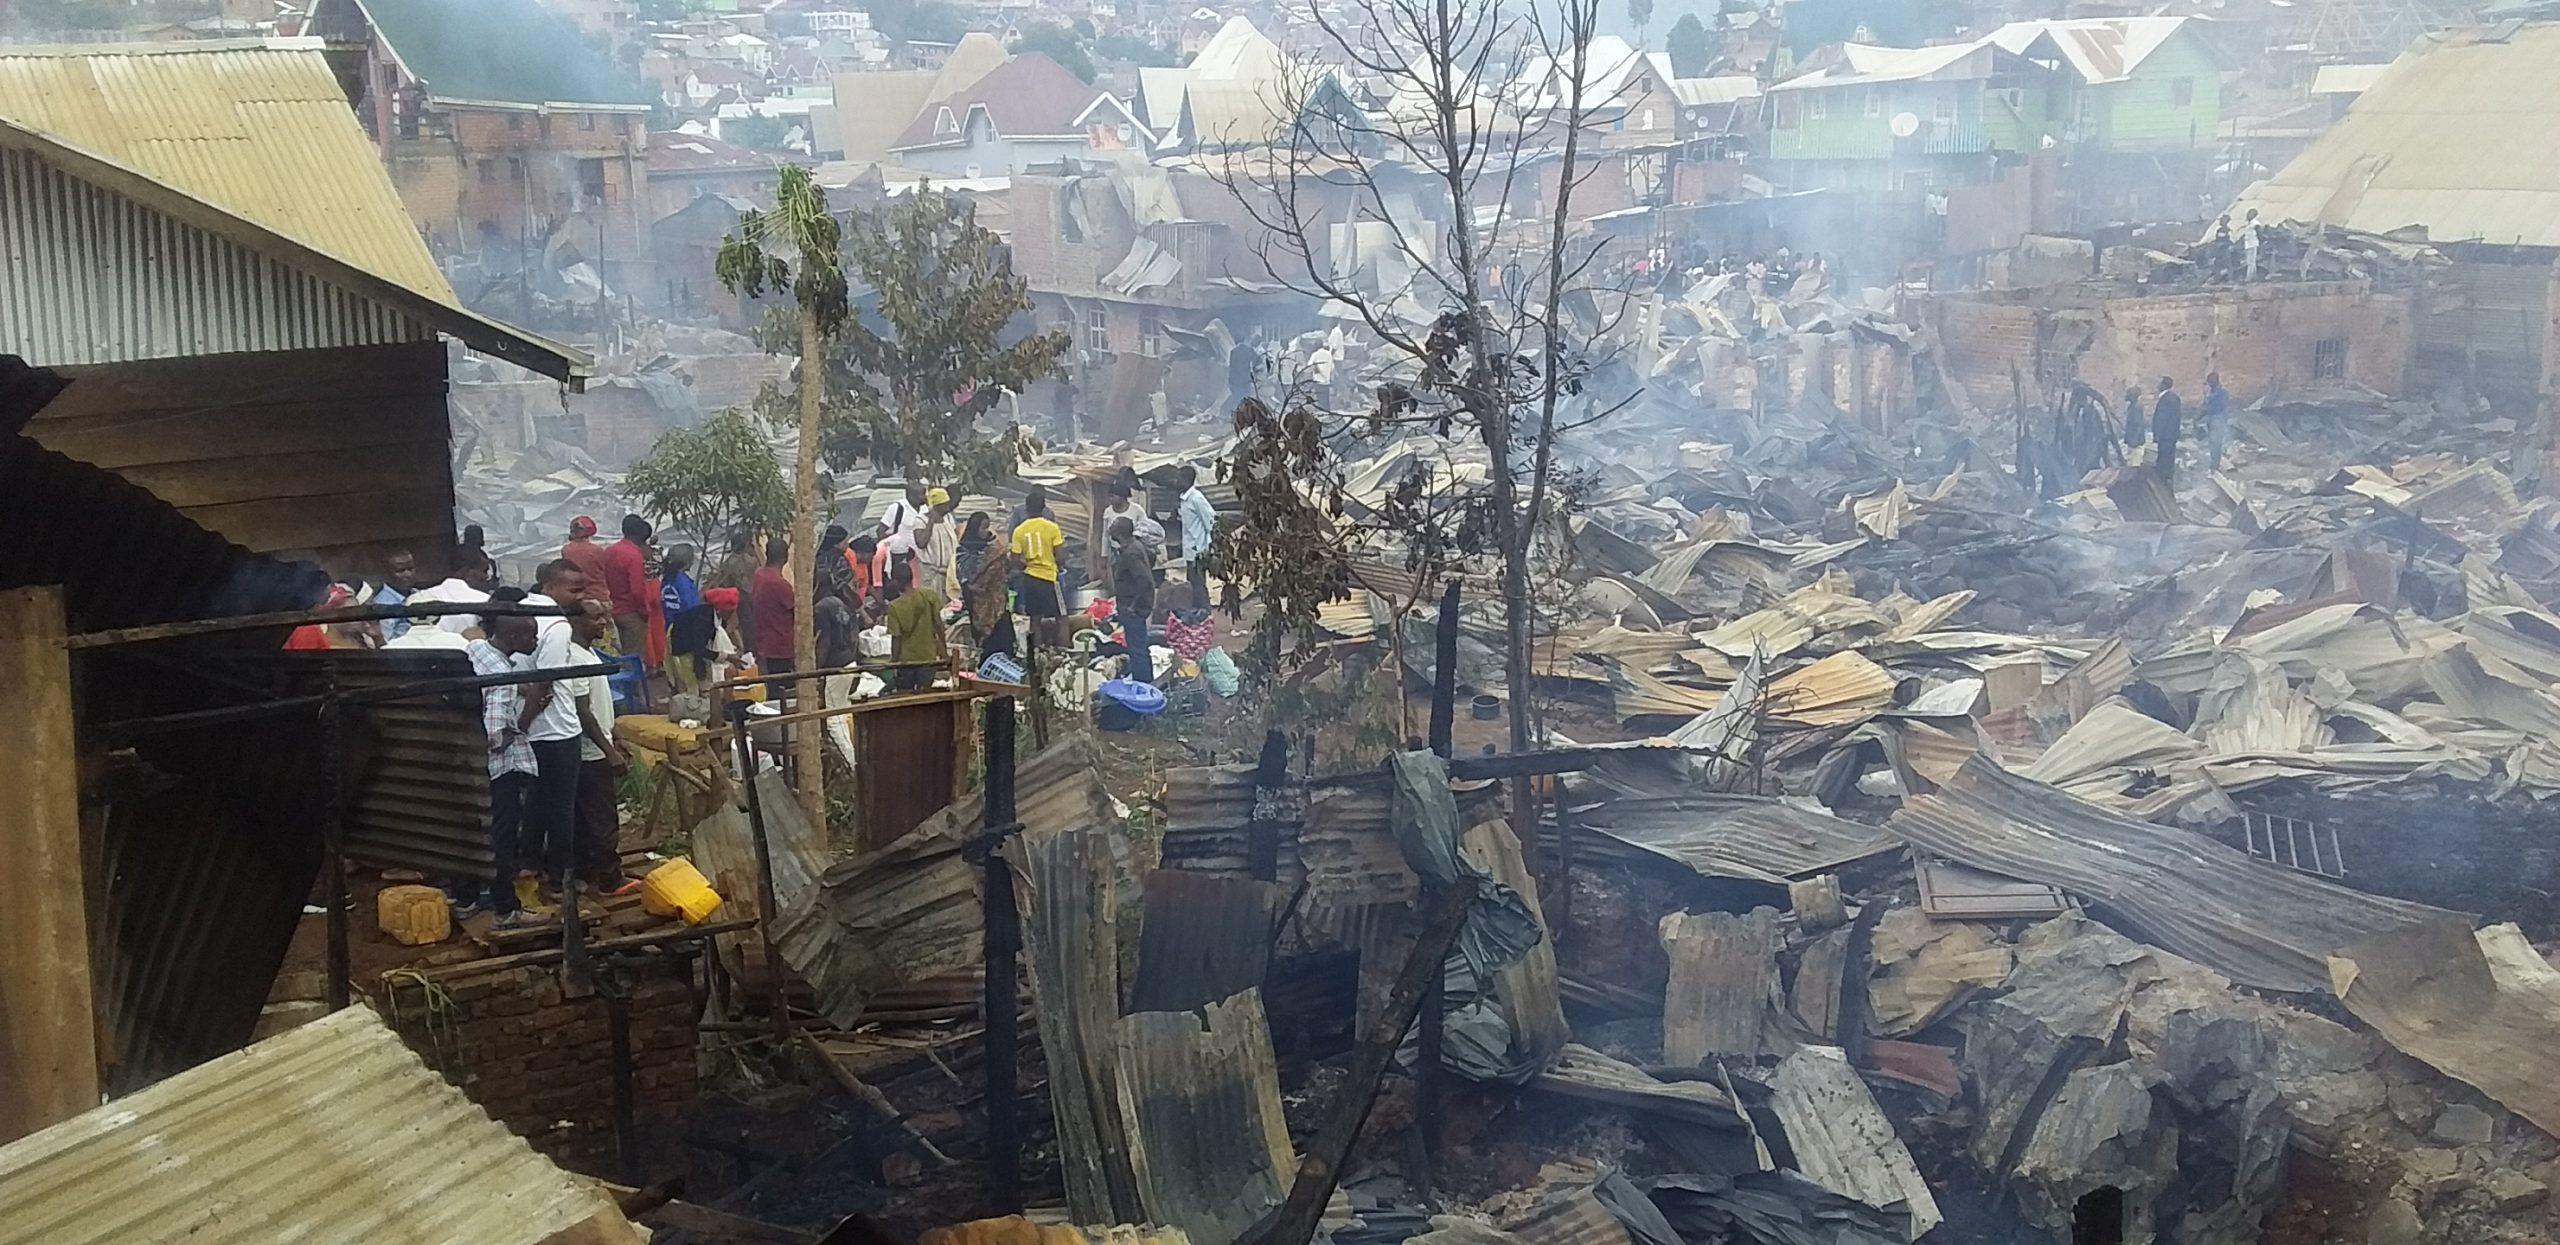 Incendie  de paysage à  Bukavu : «La personne morte est une vieille femme enfermée dans la maison régulièrement suite à  ses incapacités dû  à  son âgé » (Voisins)